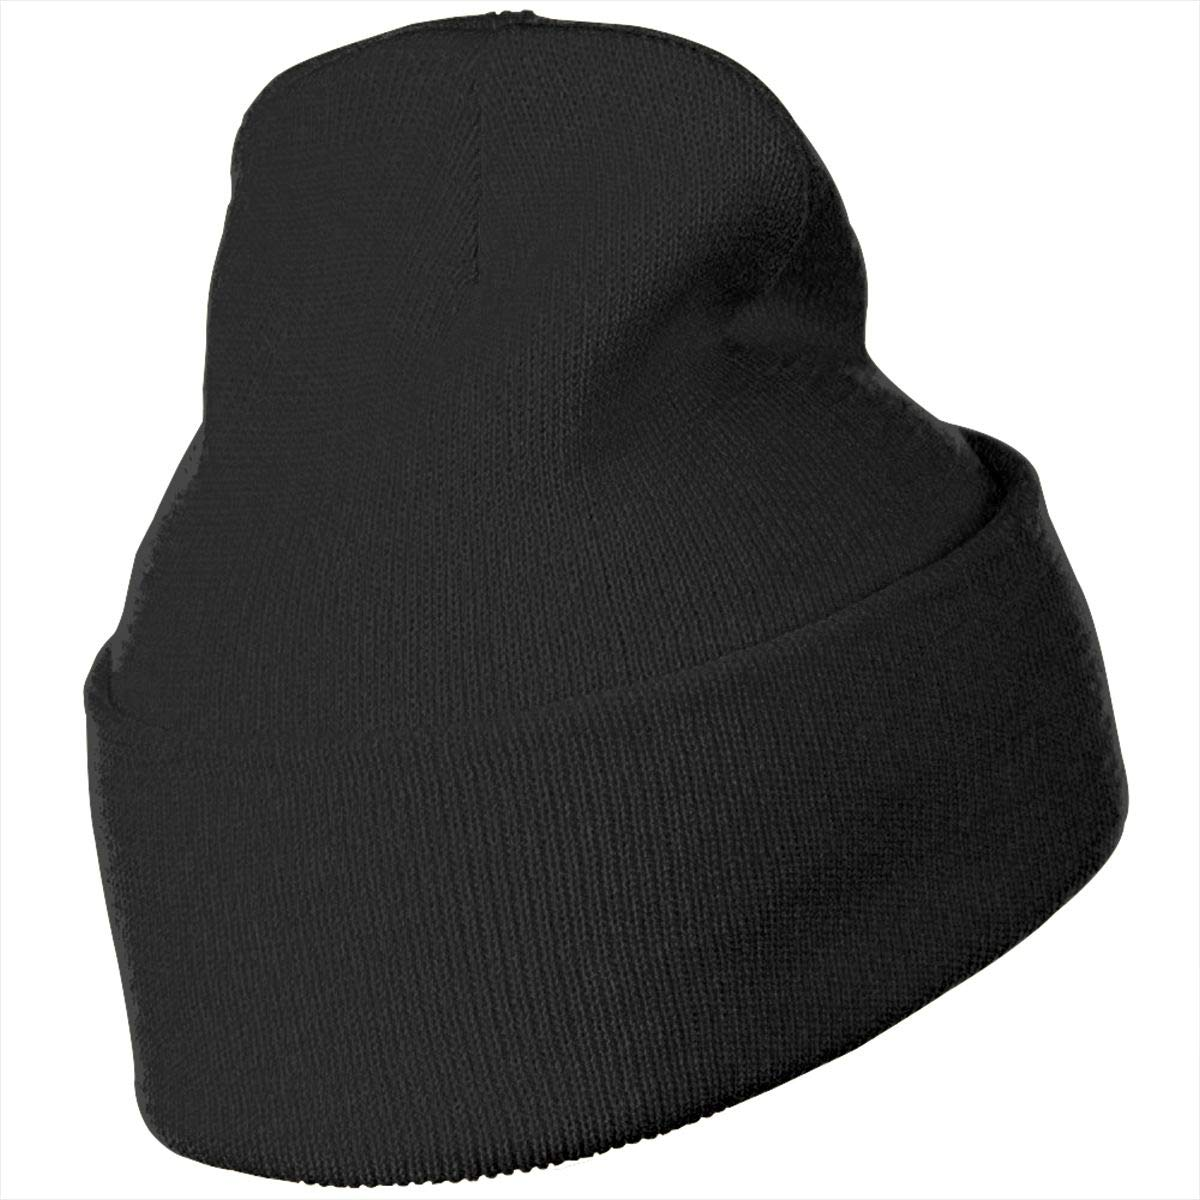 ZLFQQQ 2019 Wool Stylish Hat Beret Cap Mens Denim Jumpsuit Ladies Spring Retro Paint Octagonal Cap Driving Casual Cotton Color : Light Blue, Size : 56-58cm